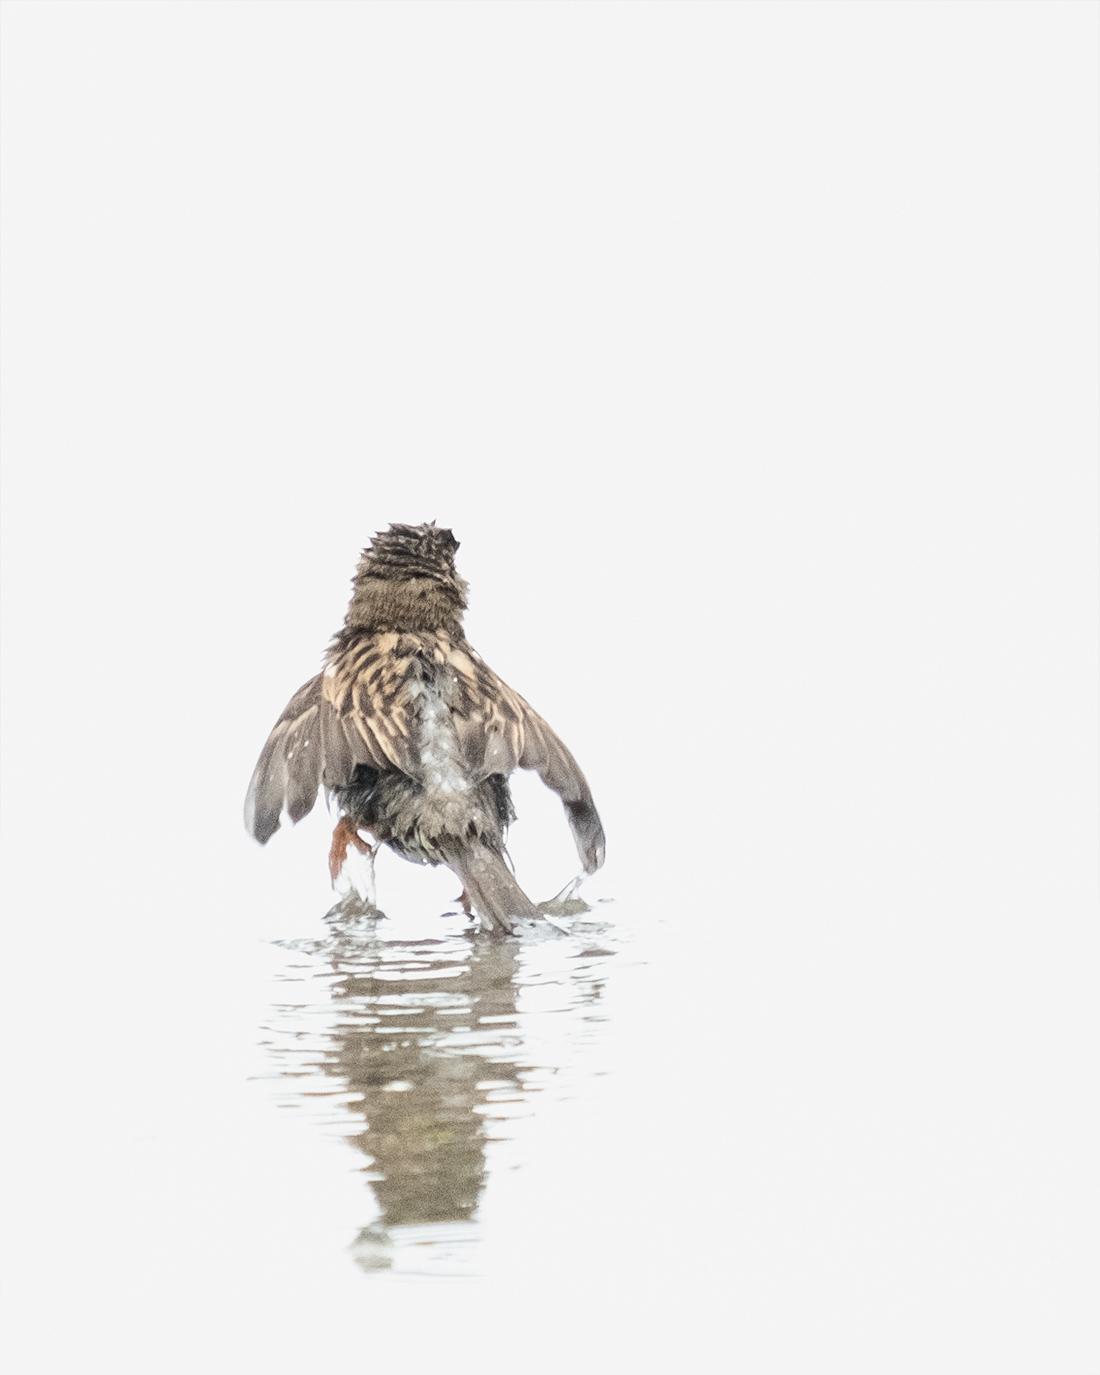 DSCF7550-1-WEB-house sparrow – bathing – ciliestad